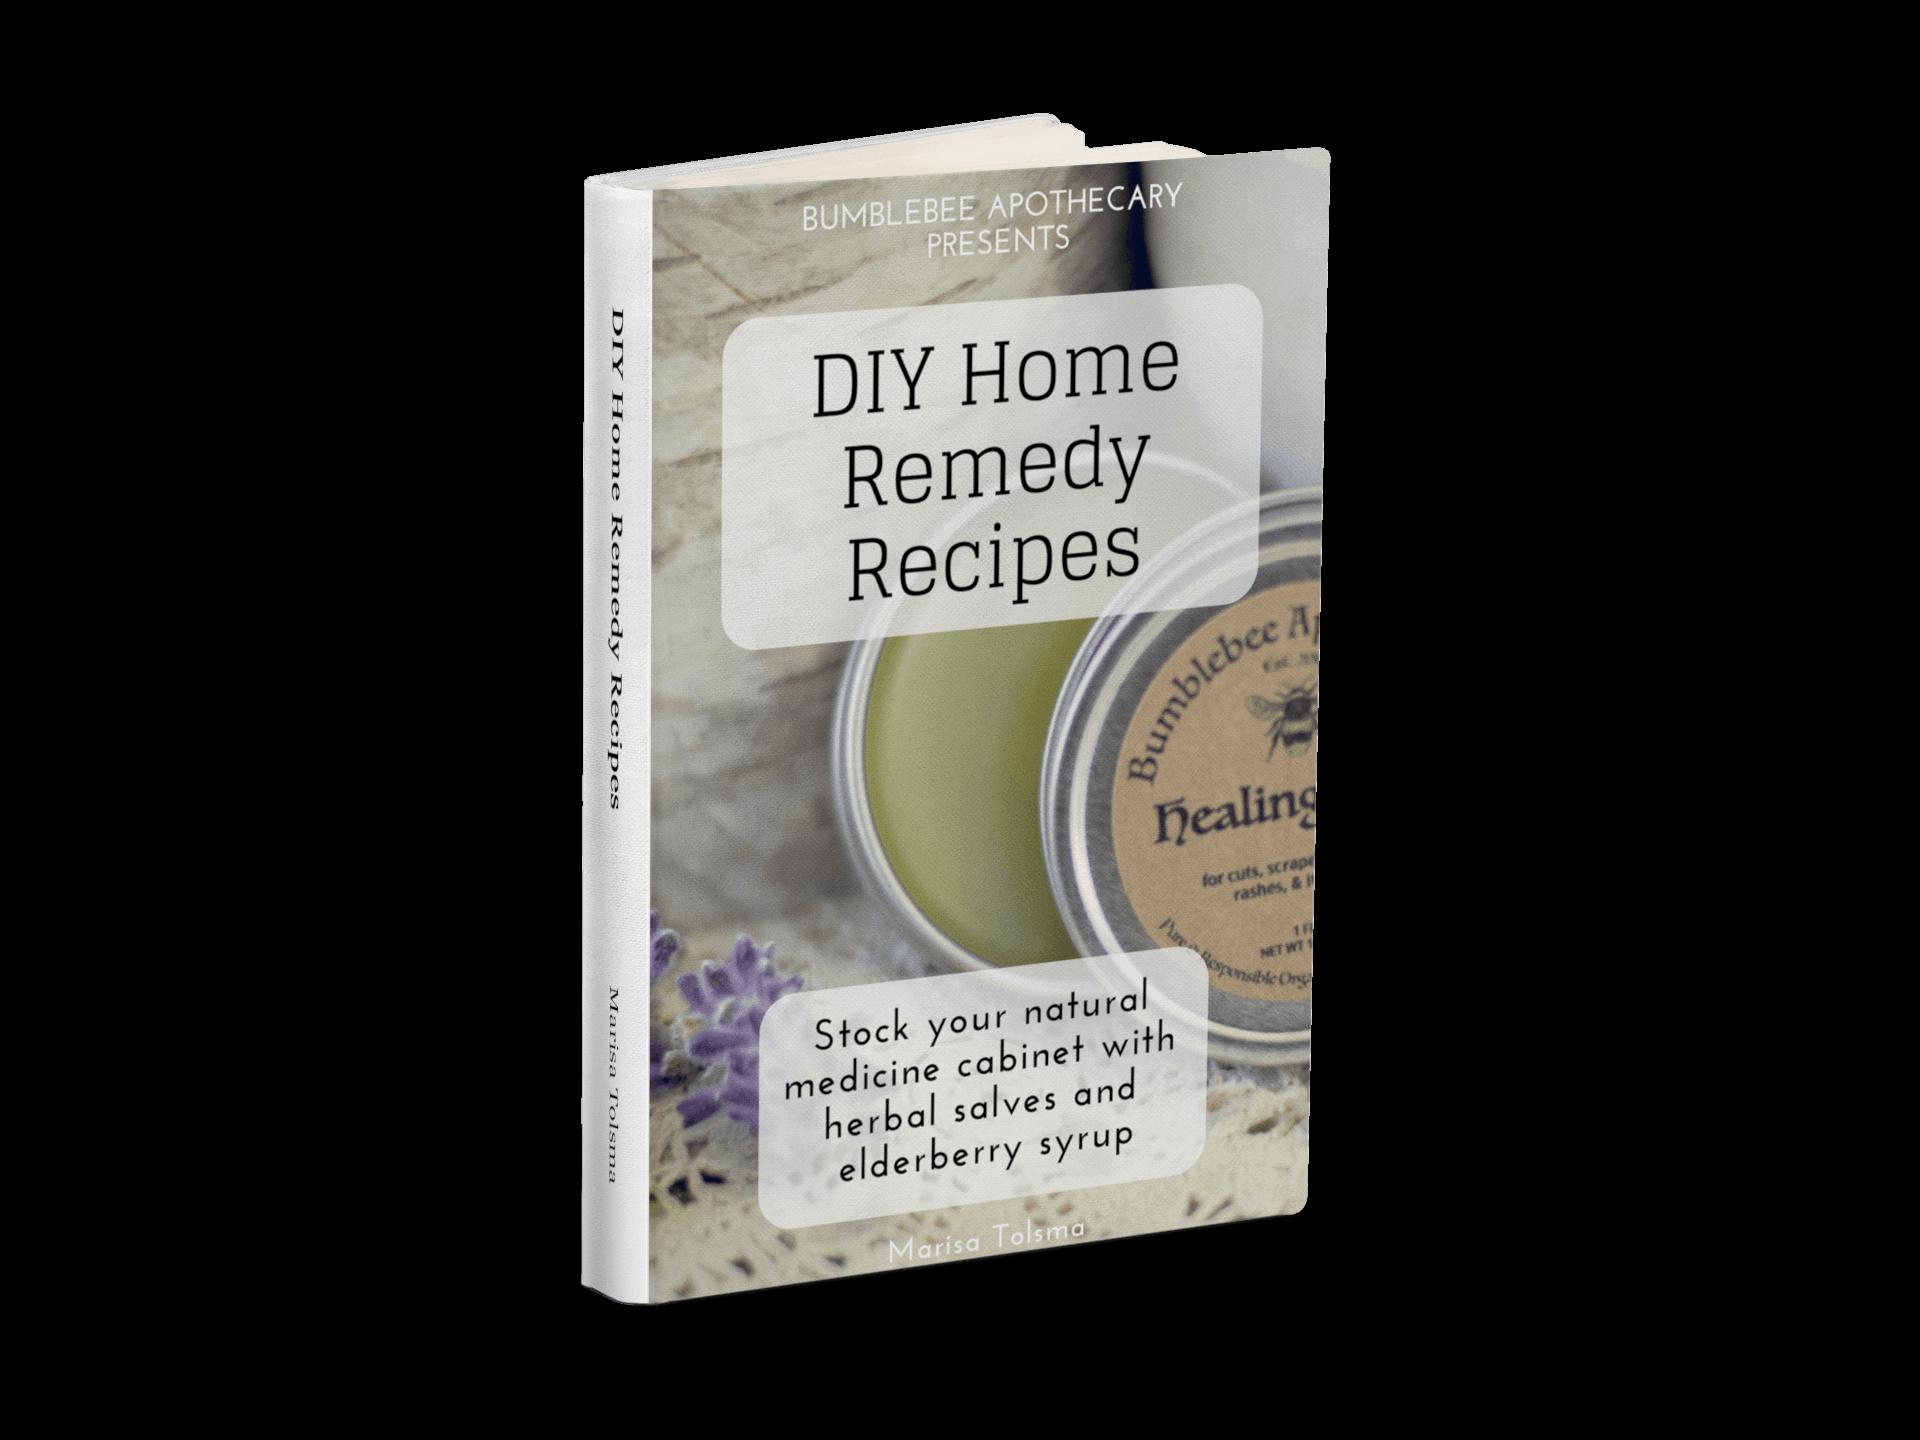 DIY Home Remedy Recipes free eBook